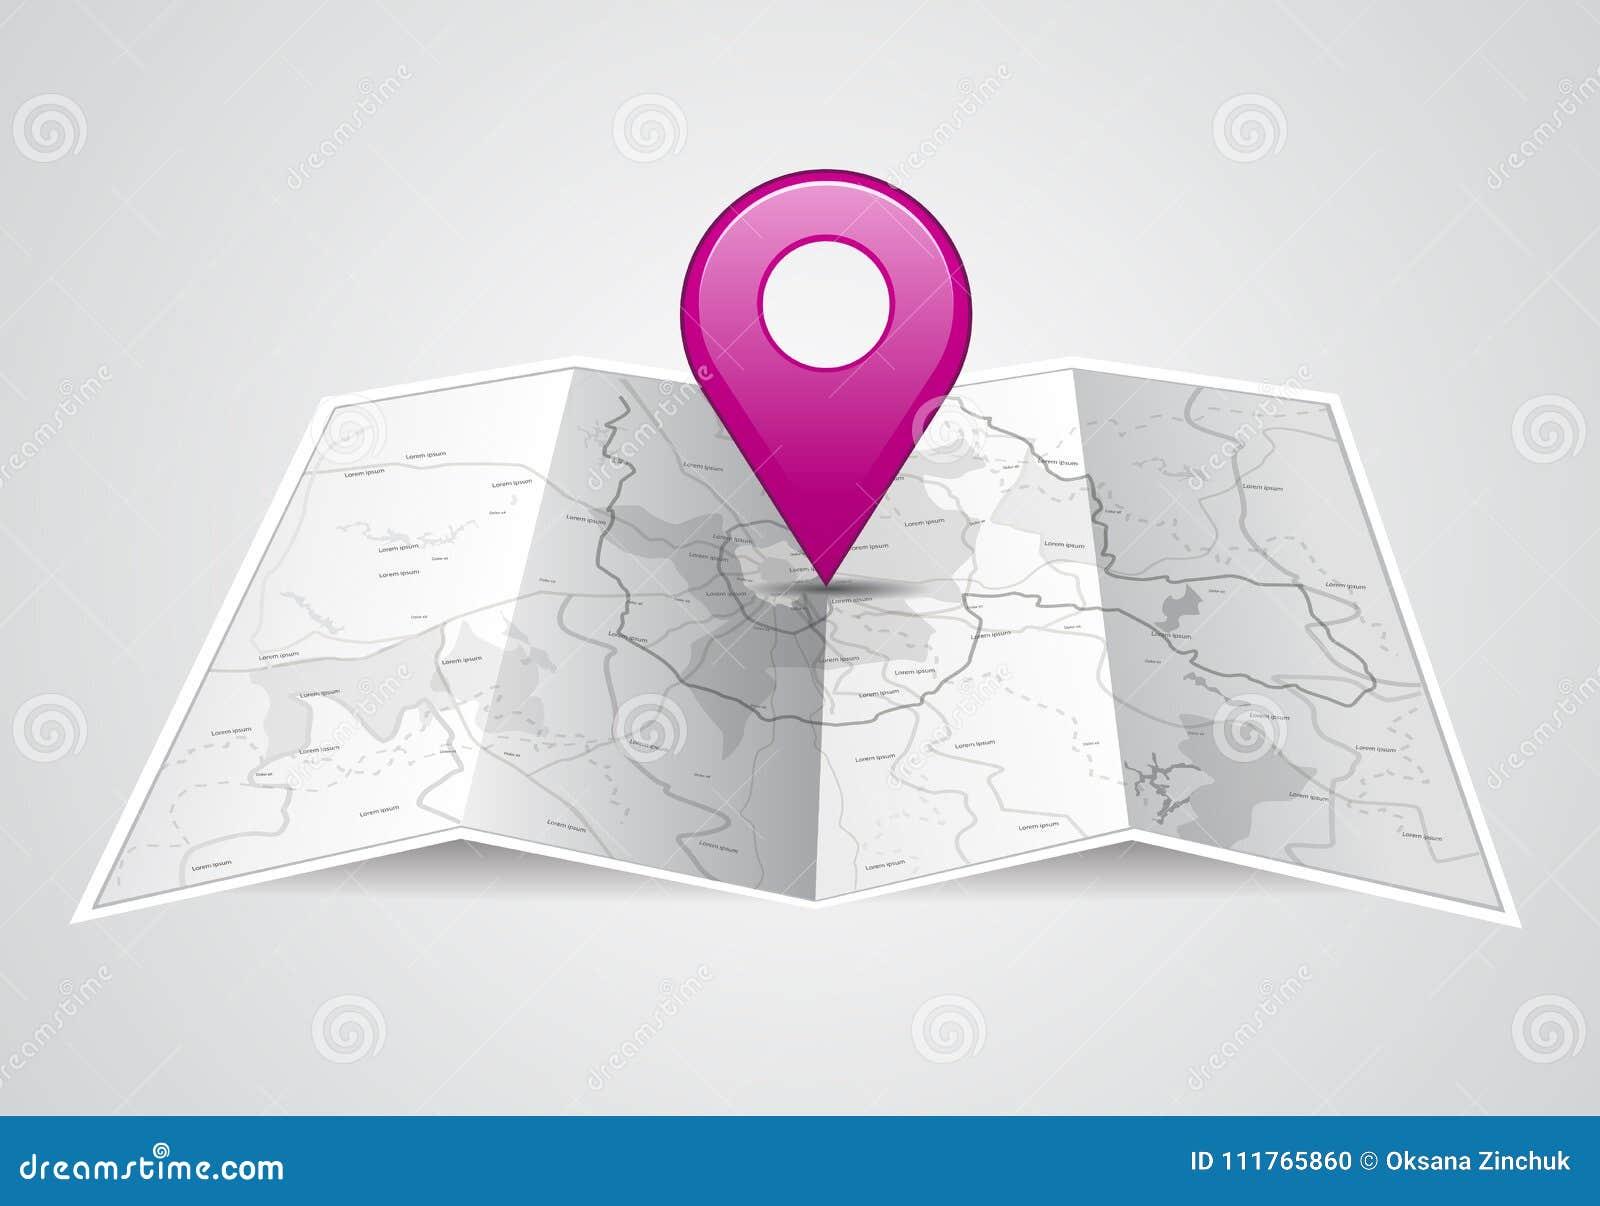 Mapa Plano Con Pin Icono De Puntero De La: Icono Del Mapa Del Vector Con El Puntero Del Pin